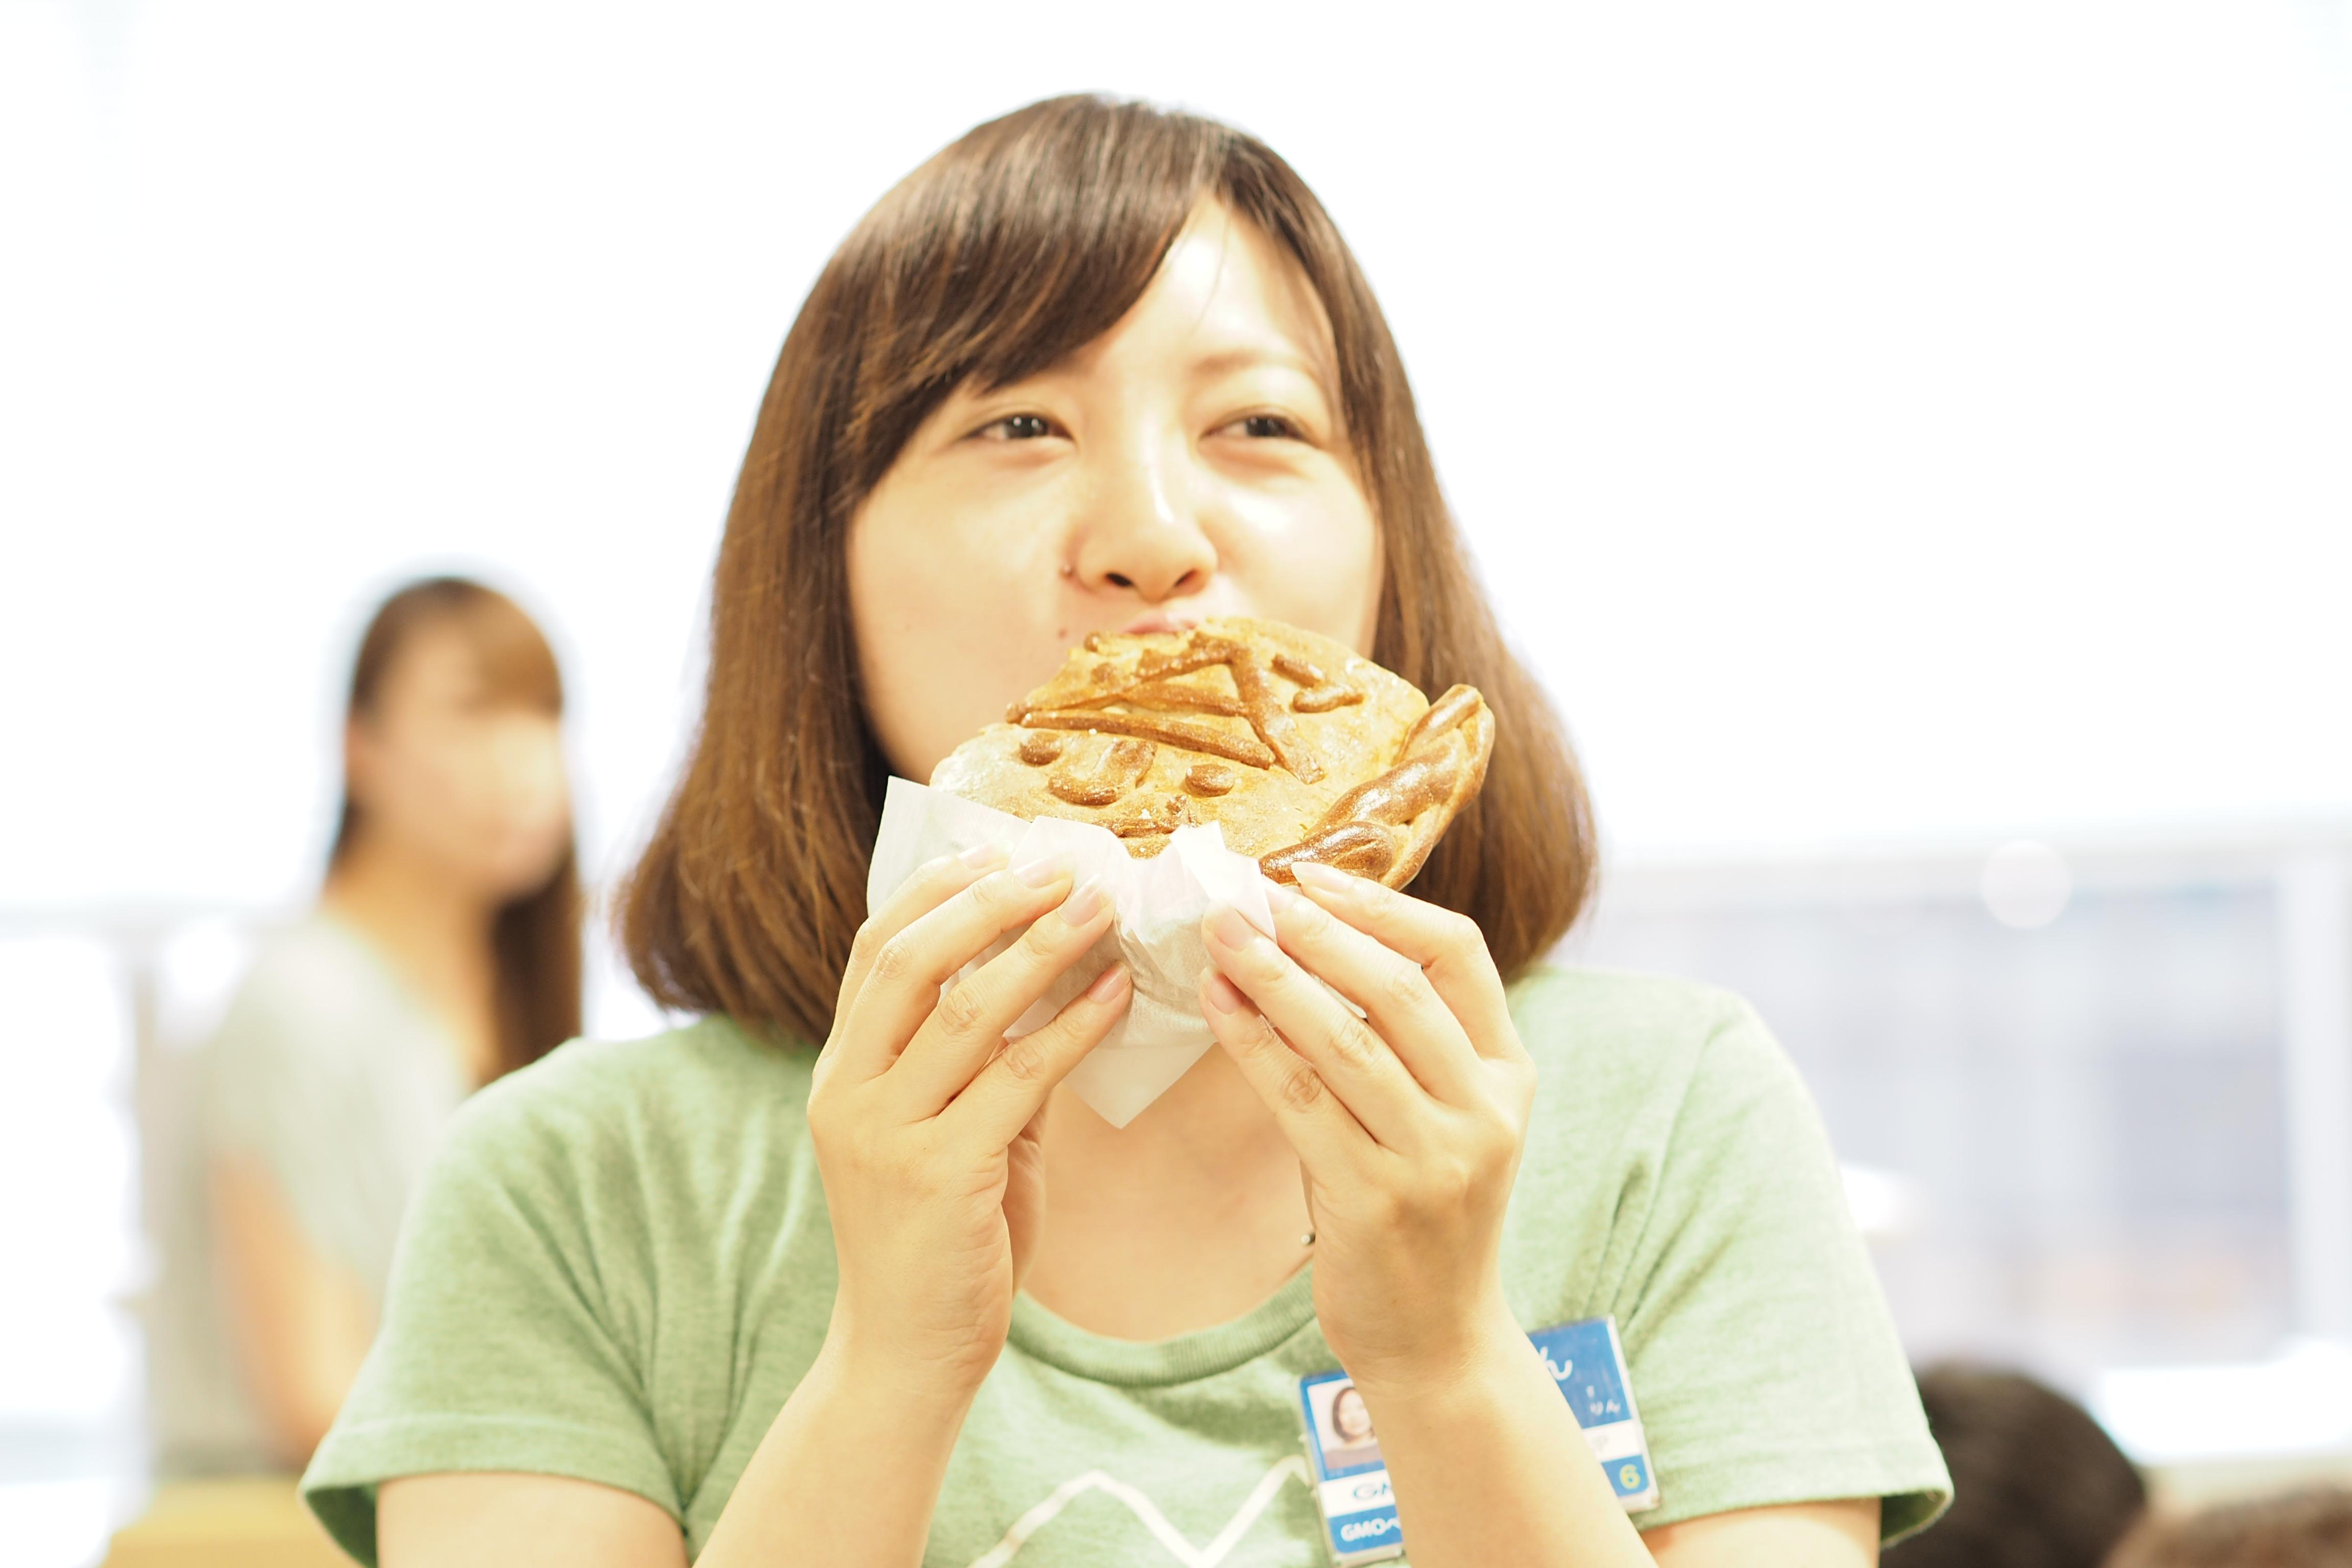 にっぽんネットショップ祭のメッセージパンを食べるスタッフたち